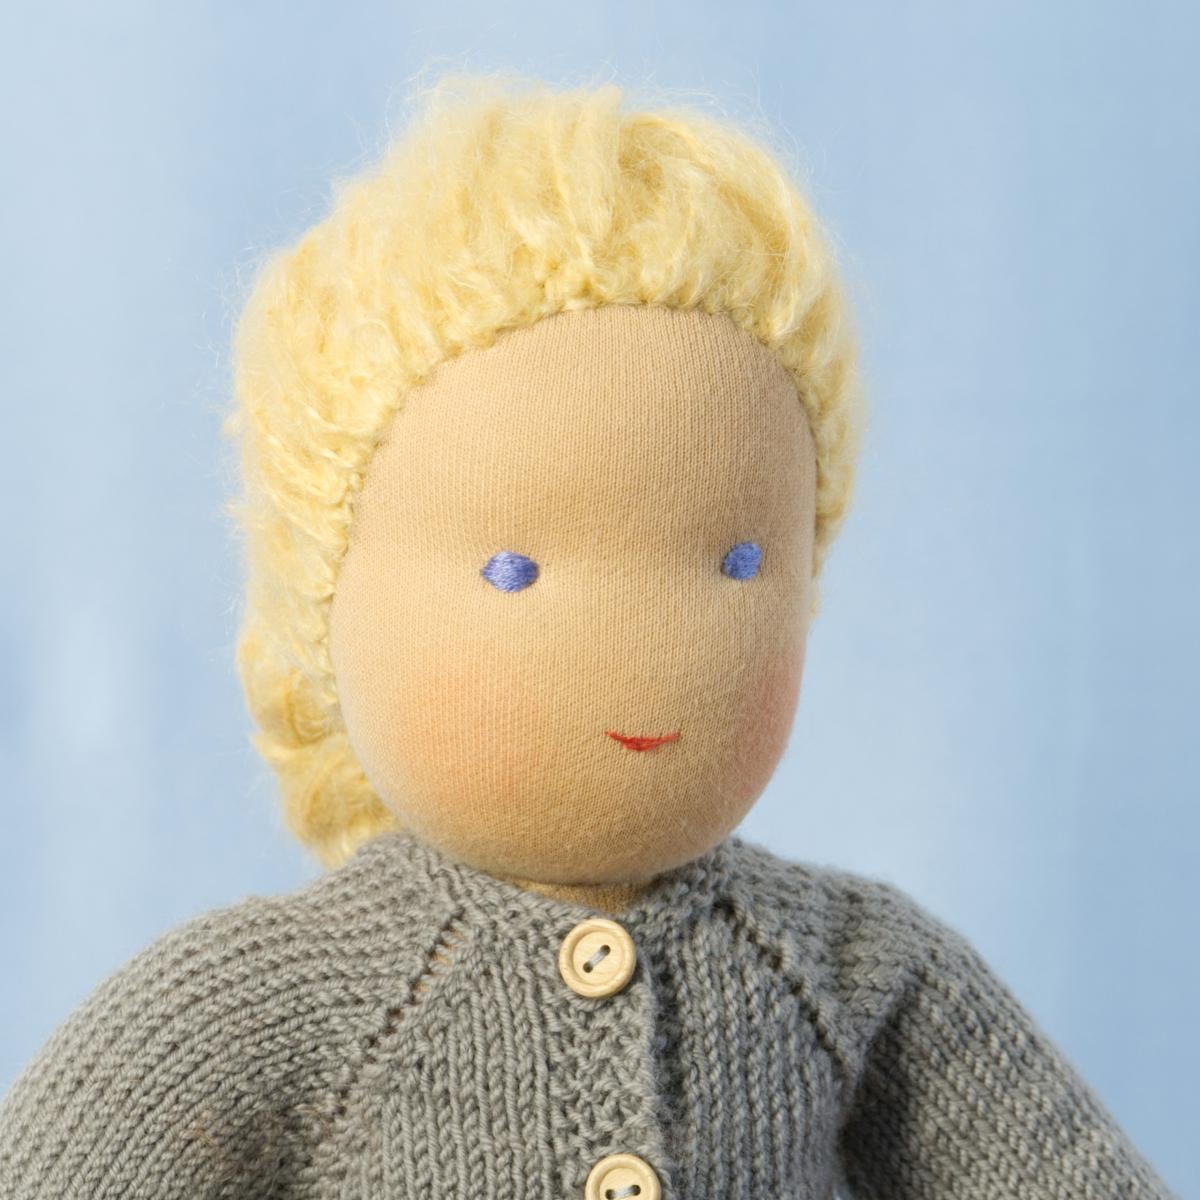 Puppe mit hellem Hautton nach Waldorf-Art, geflochtene lange blonde Haare, gekleidet in grauen Strickanzug